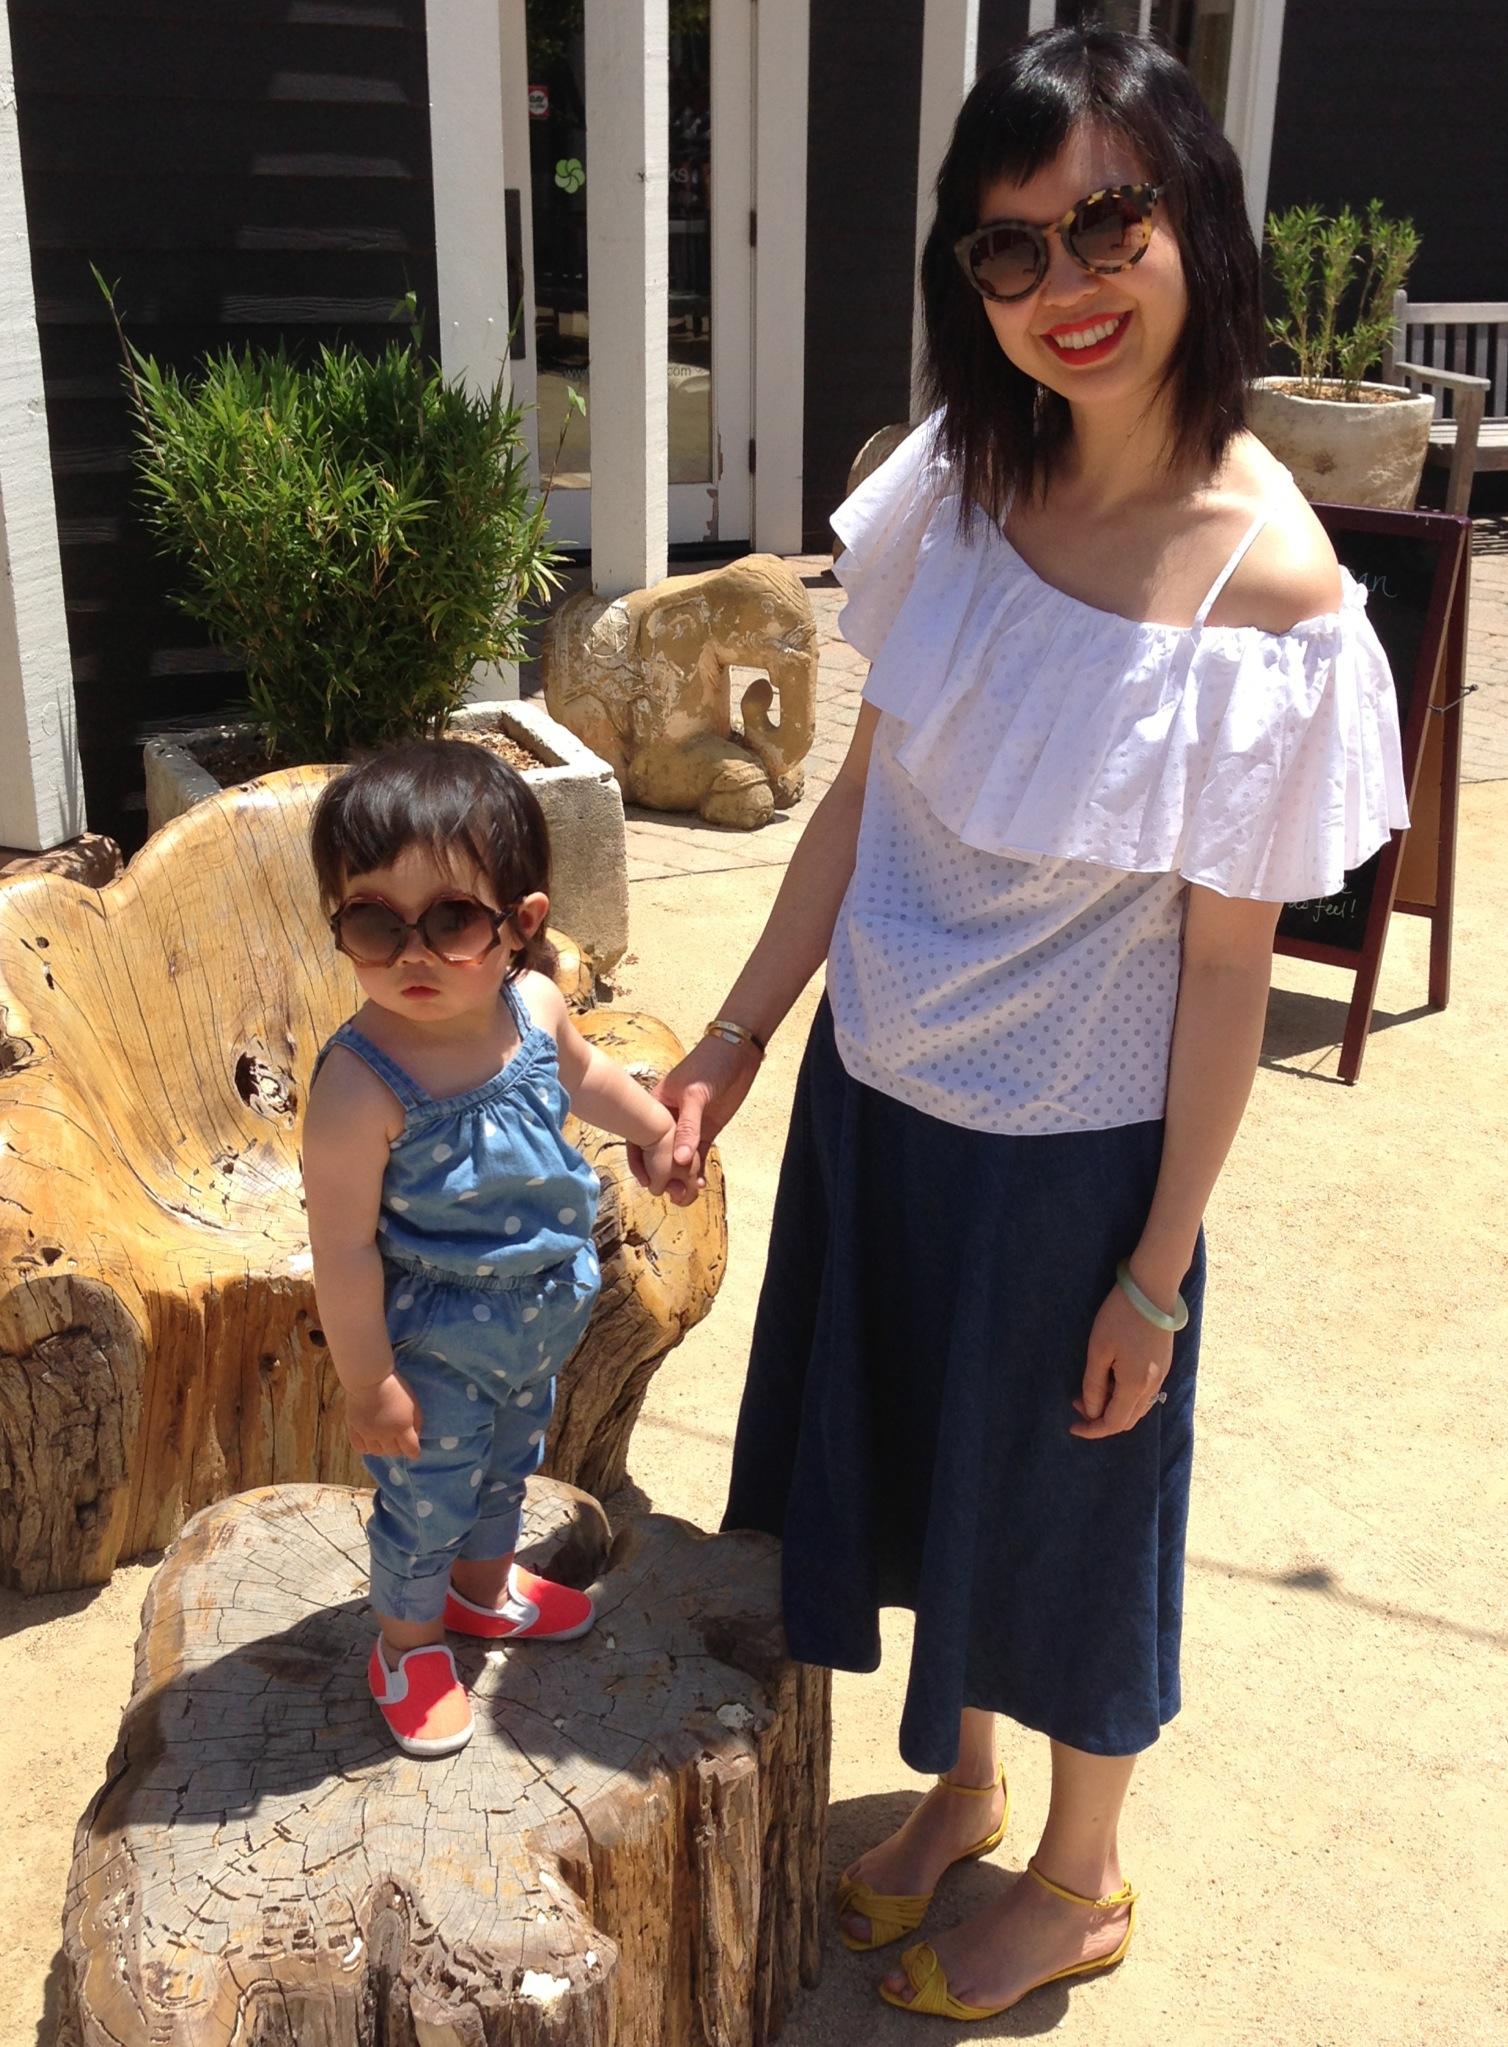 marni and me at marin country mart